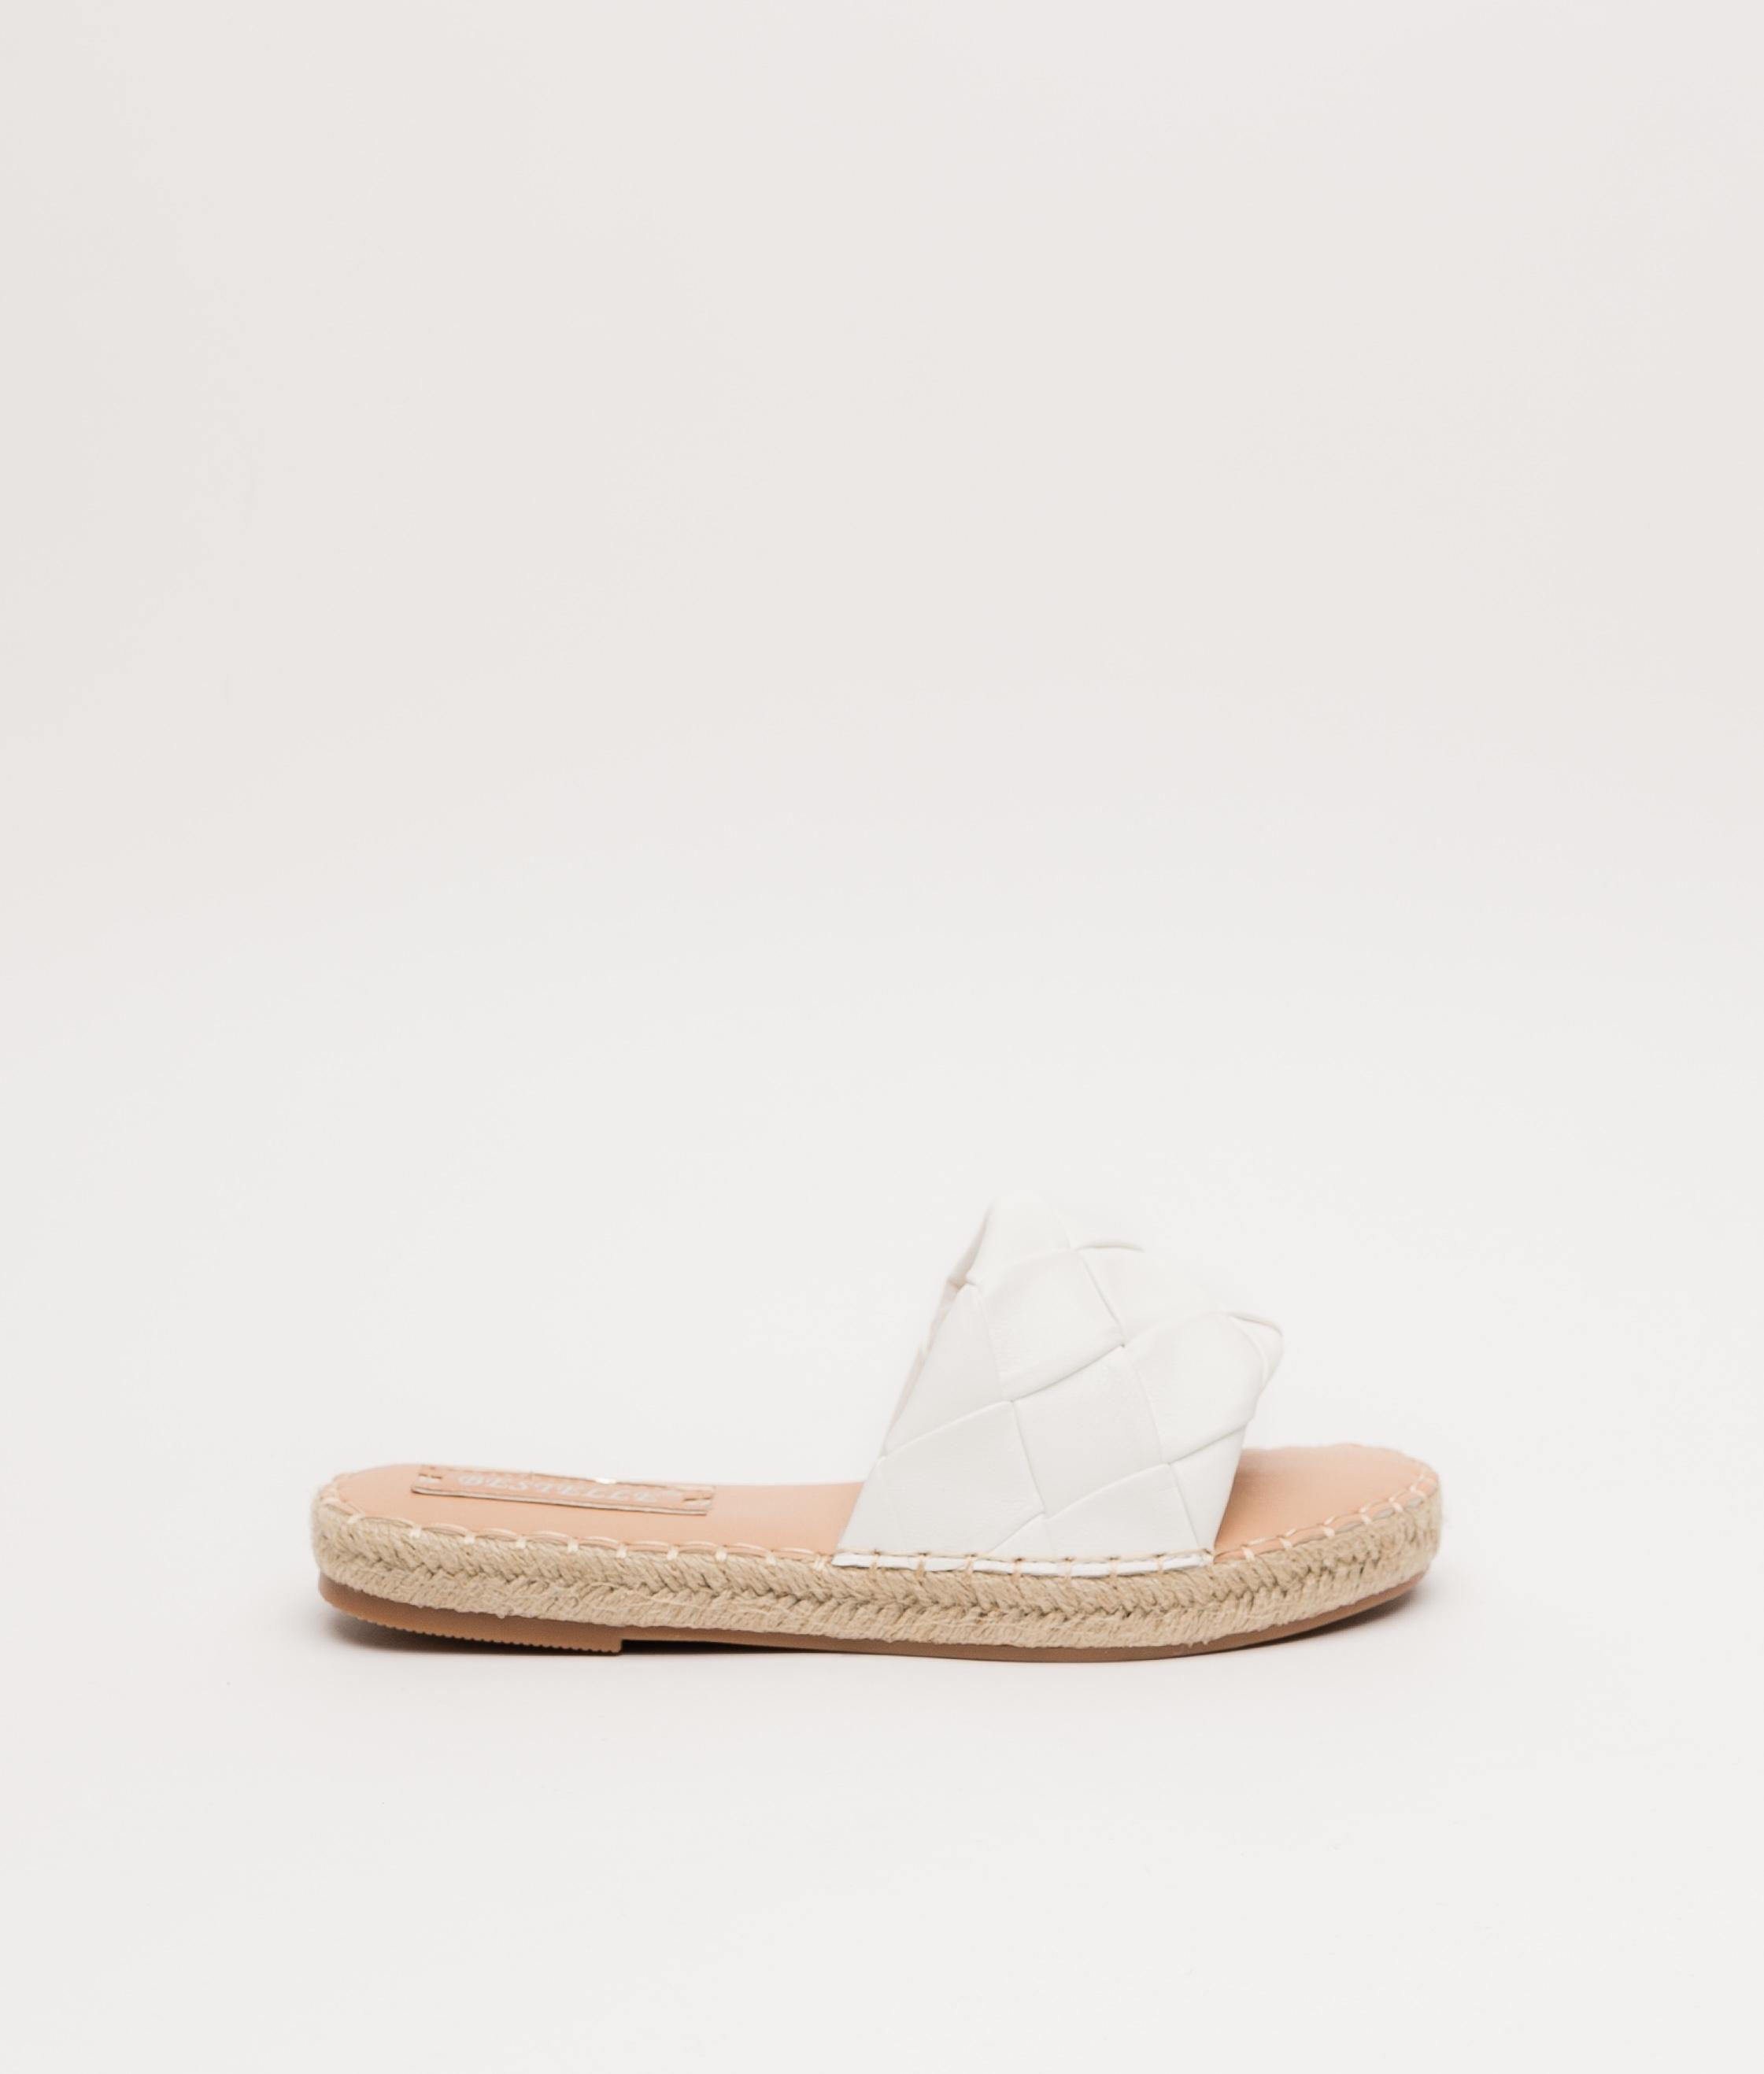 NEIVA SANDAL - WHITE